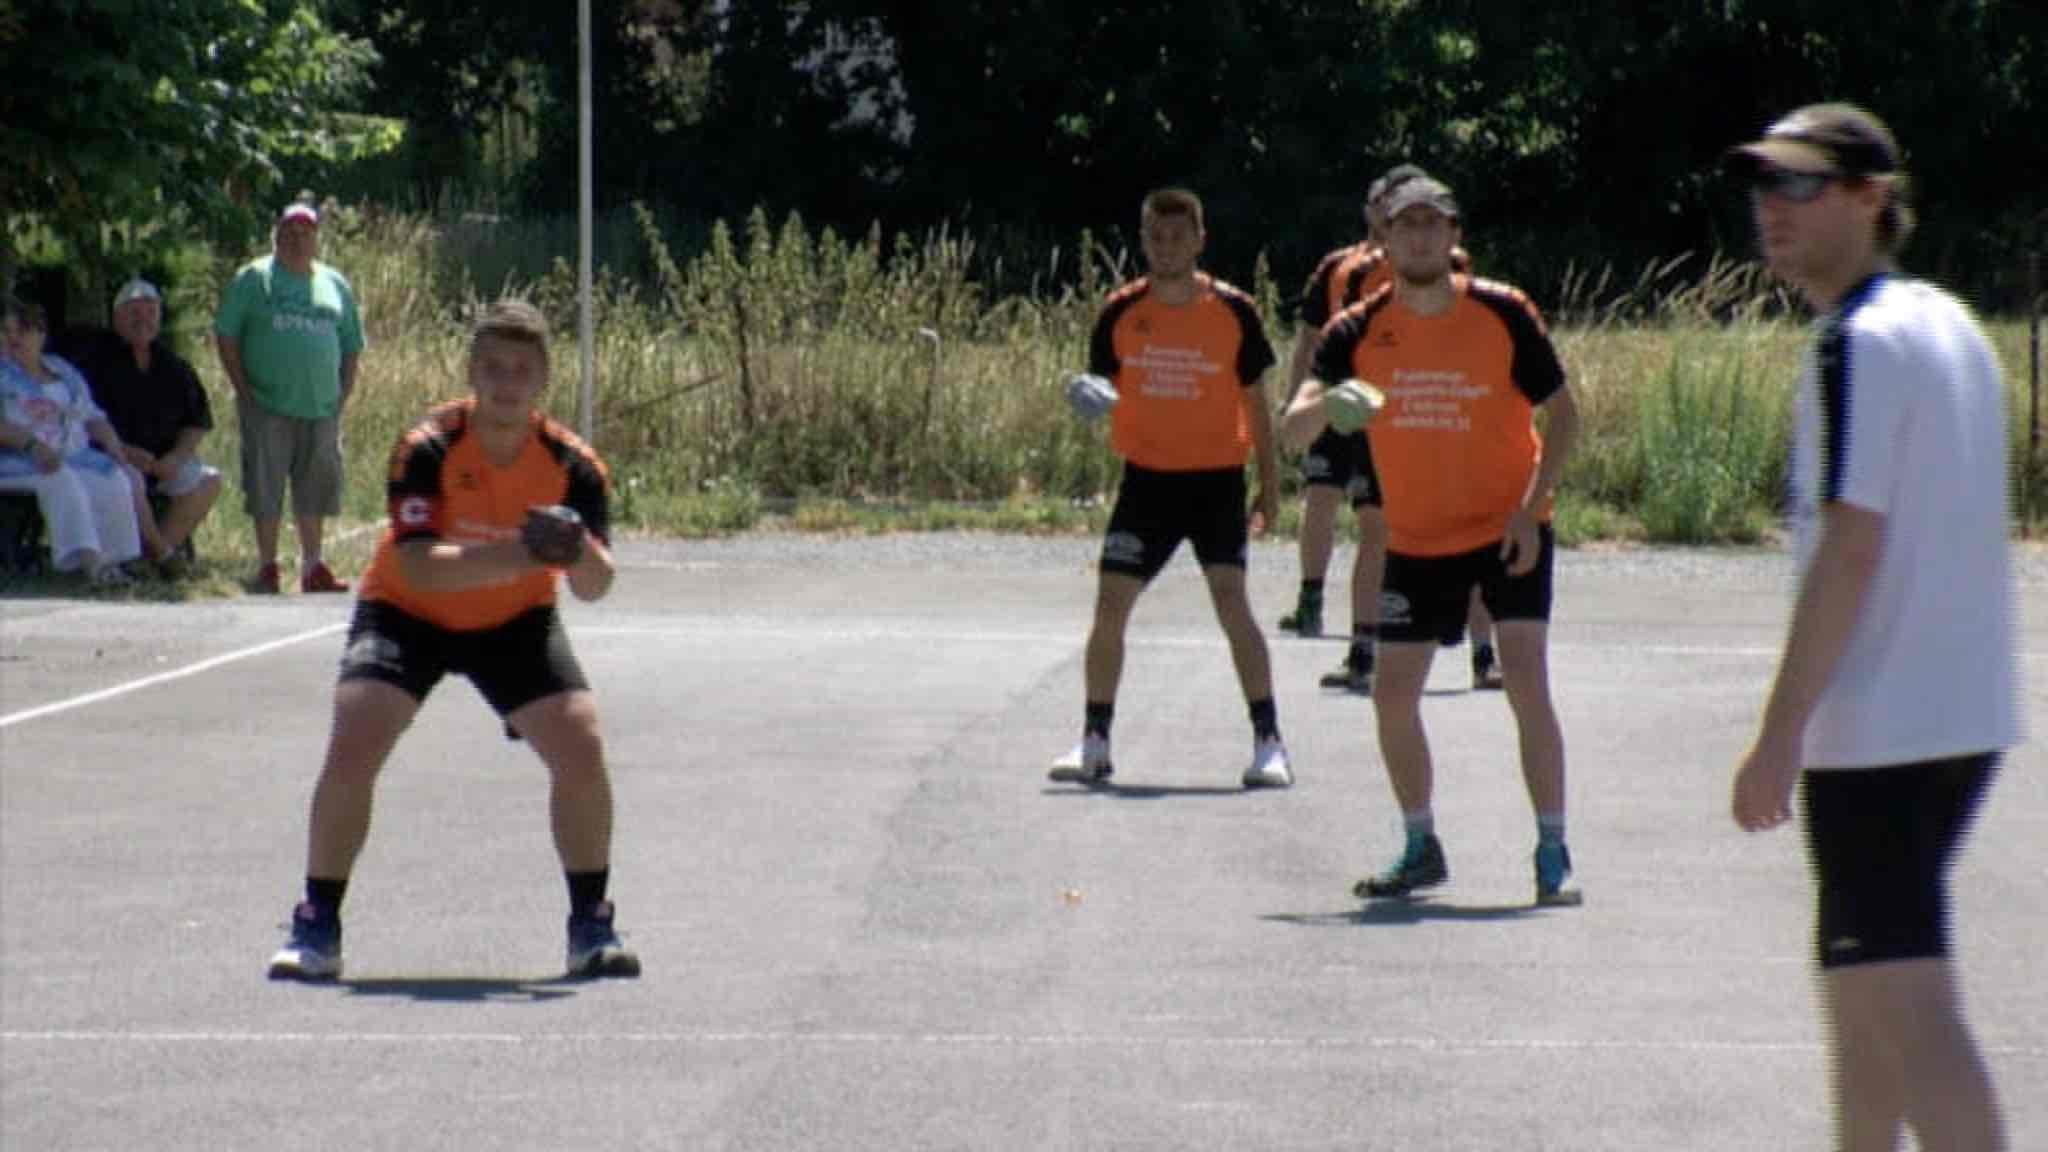 Balle Pelote Ligue W/B: après sa défaite 4-13 face à Villers-St-Ghislain, Vaudignies est descendant